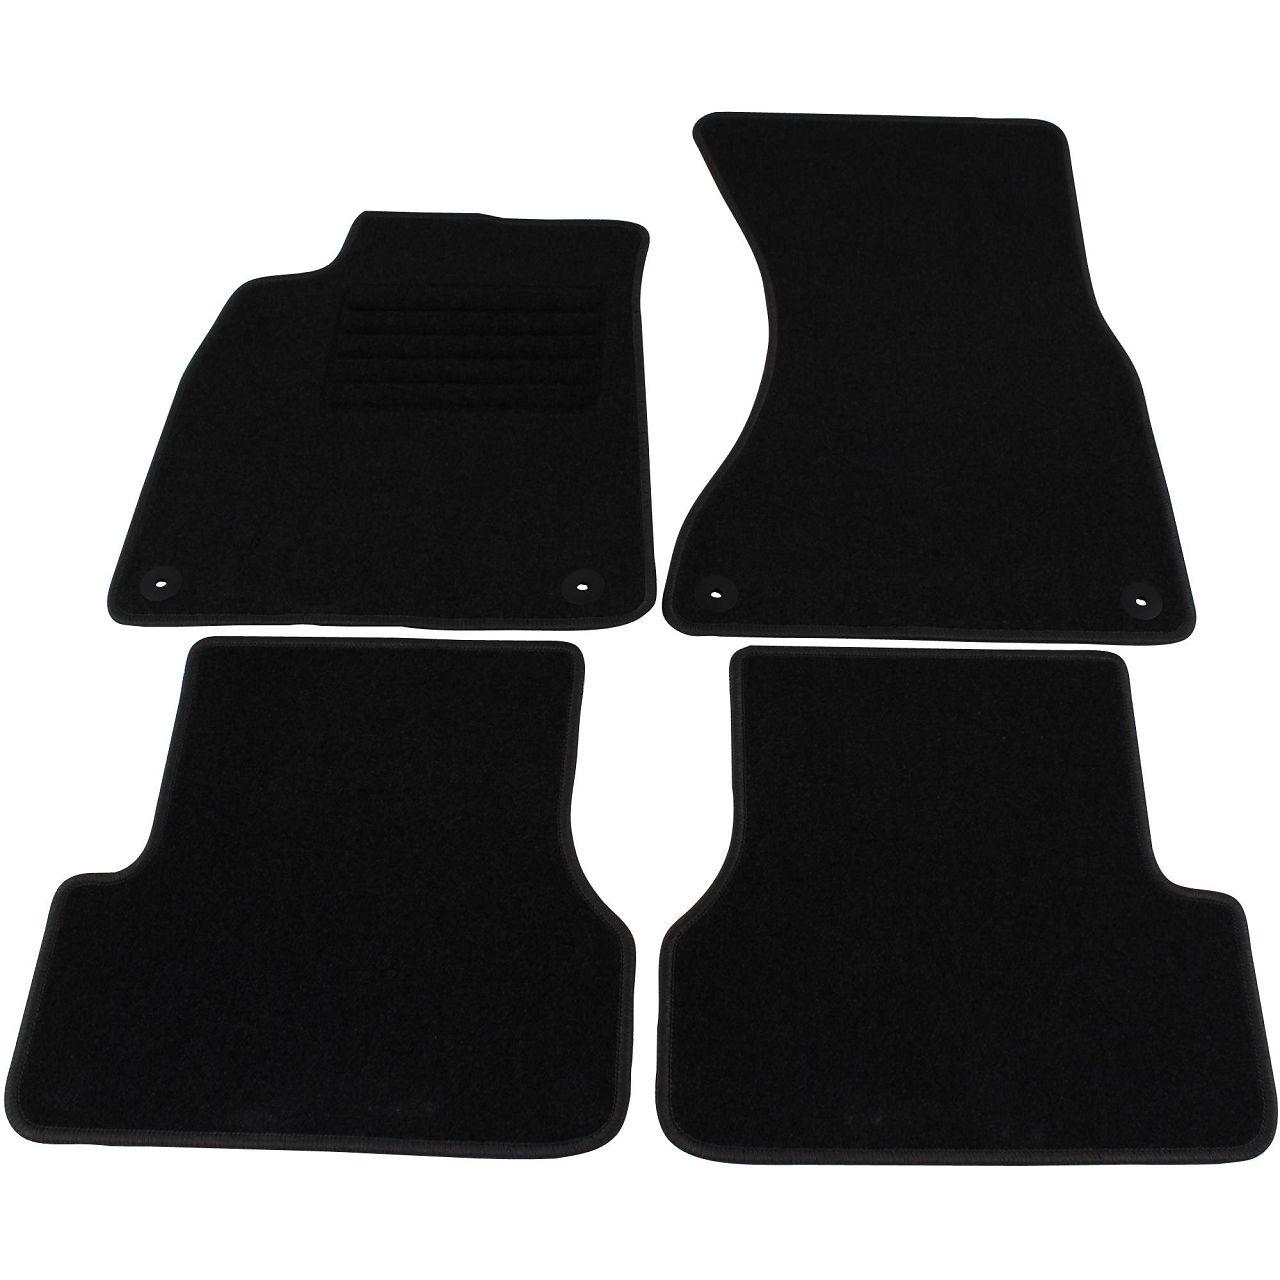 Veloursmatten Textilmatten Fußmatten AUDI A6 S6 RS6 (4G C7) Avant 4-teilig